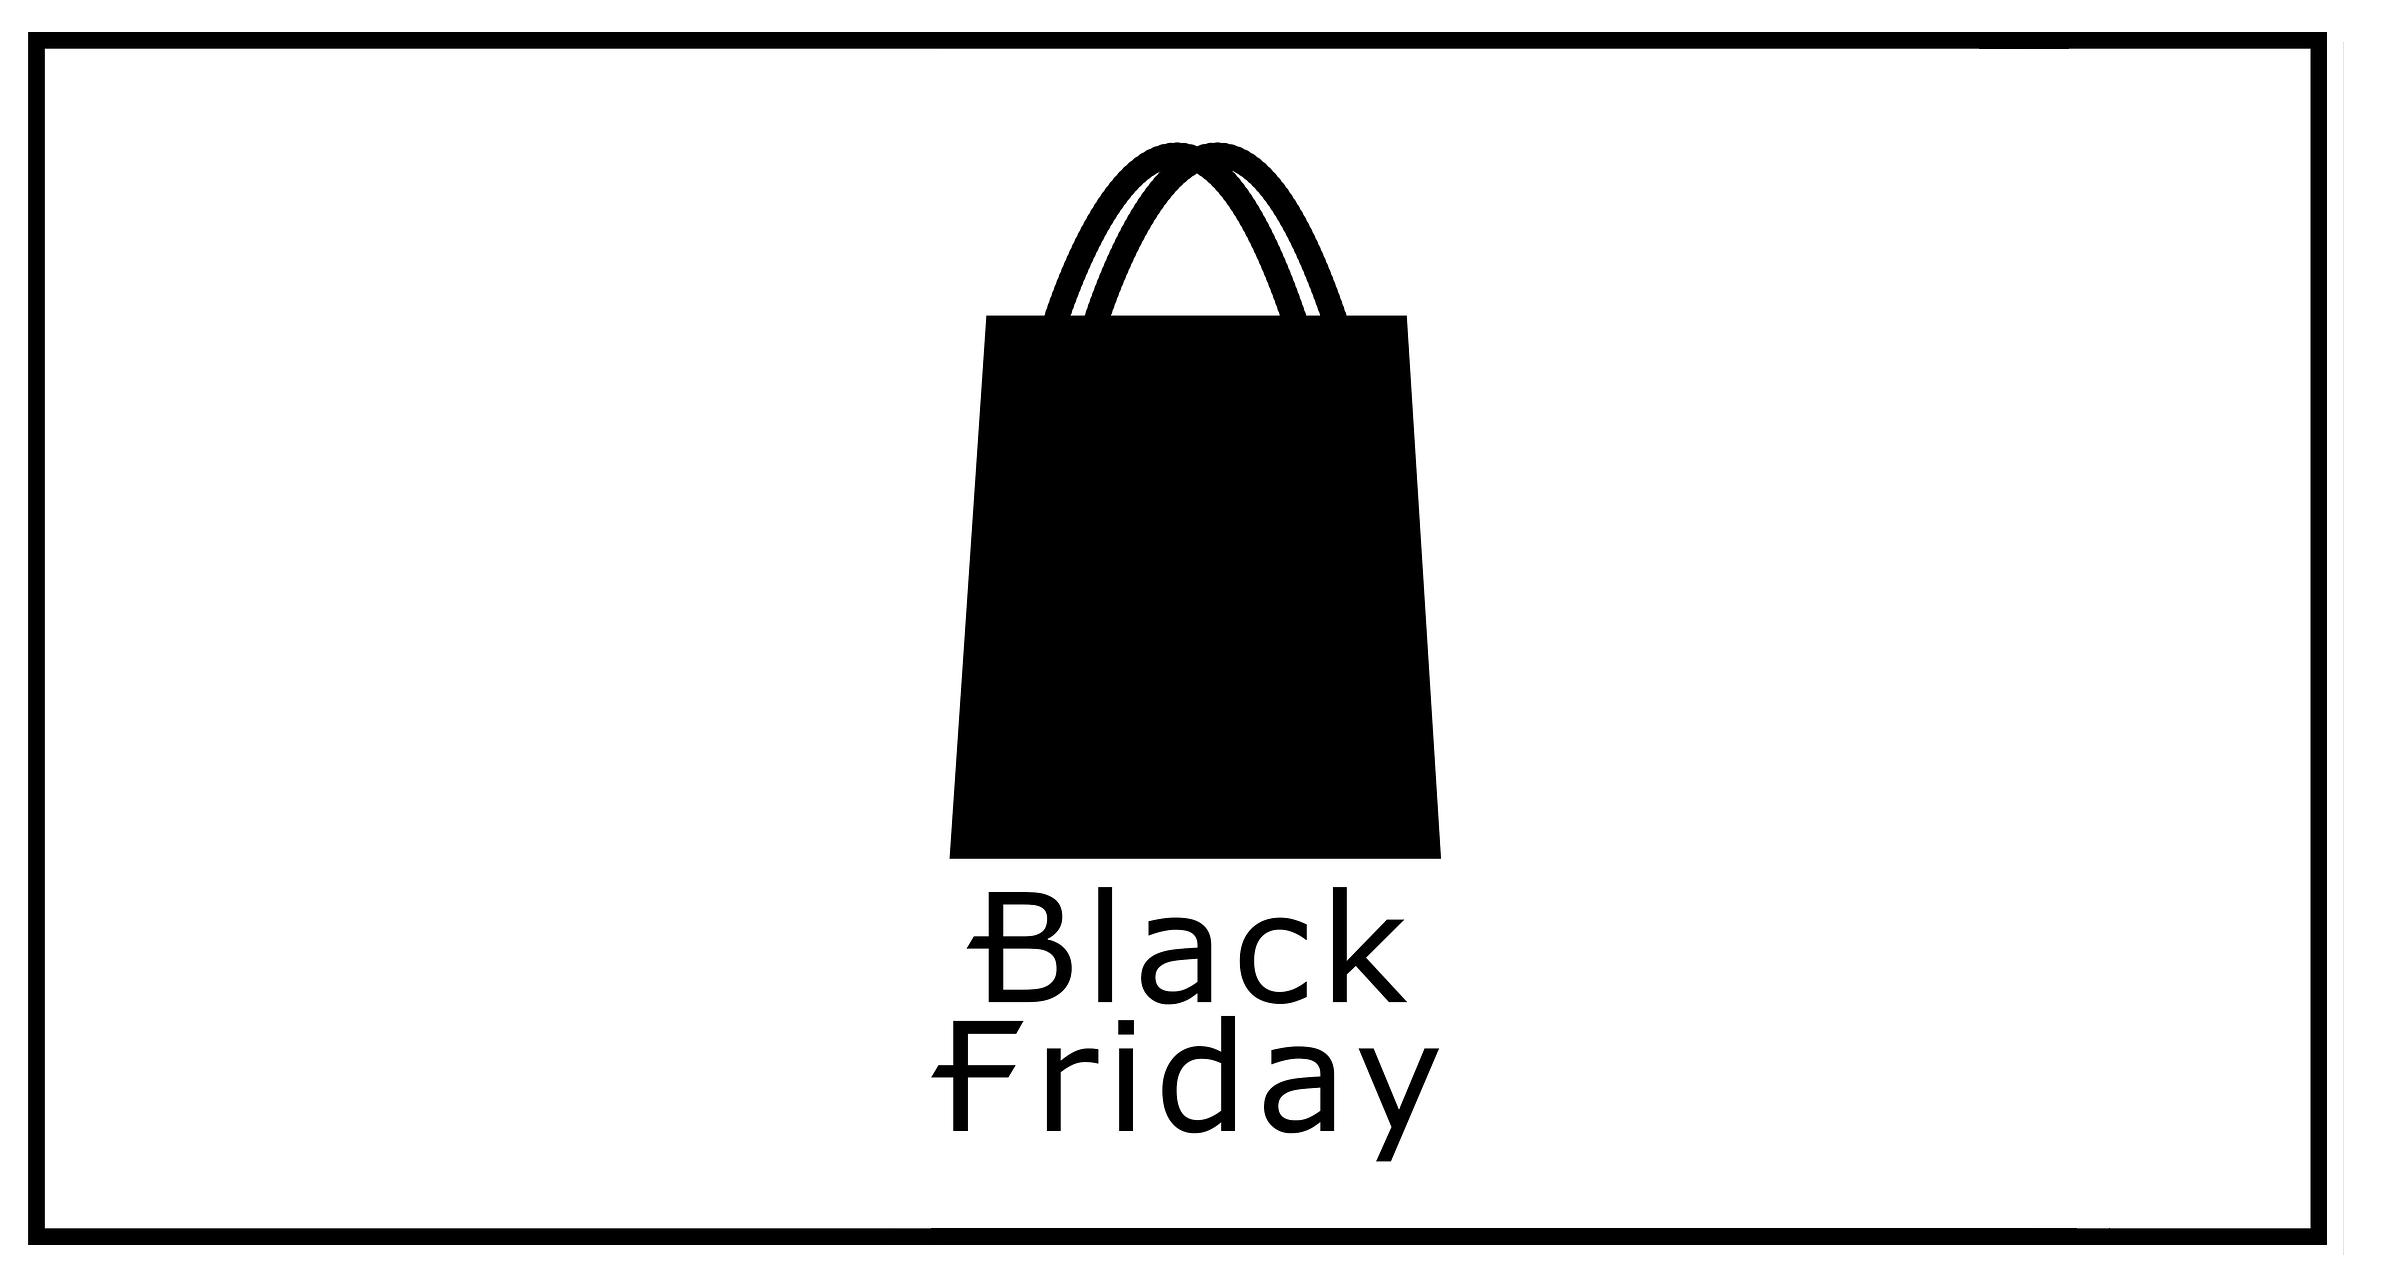 Black Friday – Jak przygotować wyprzedaż?